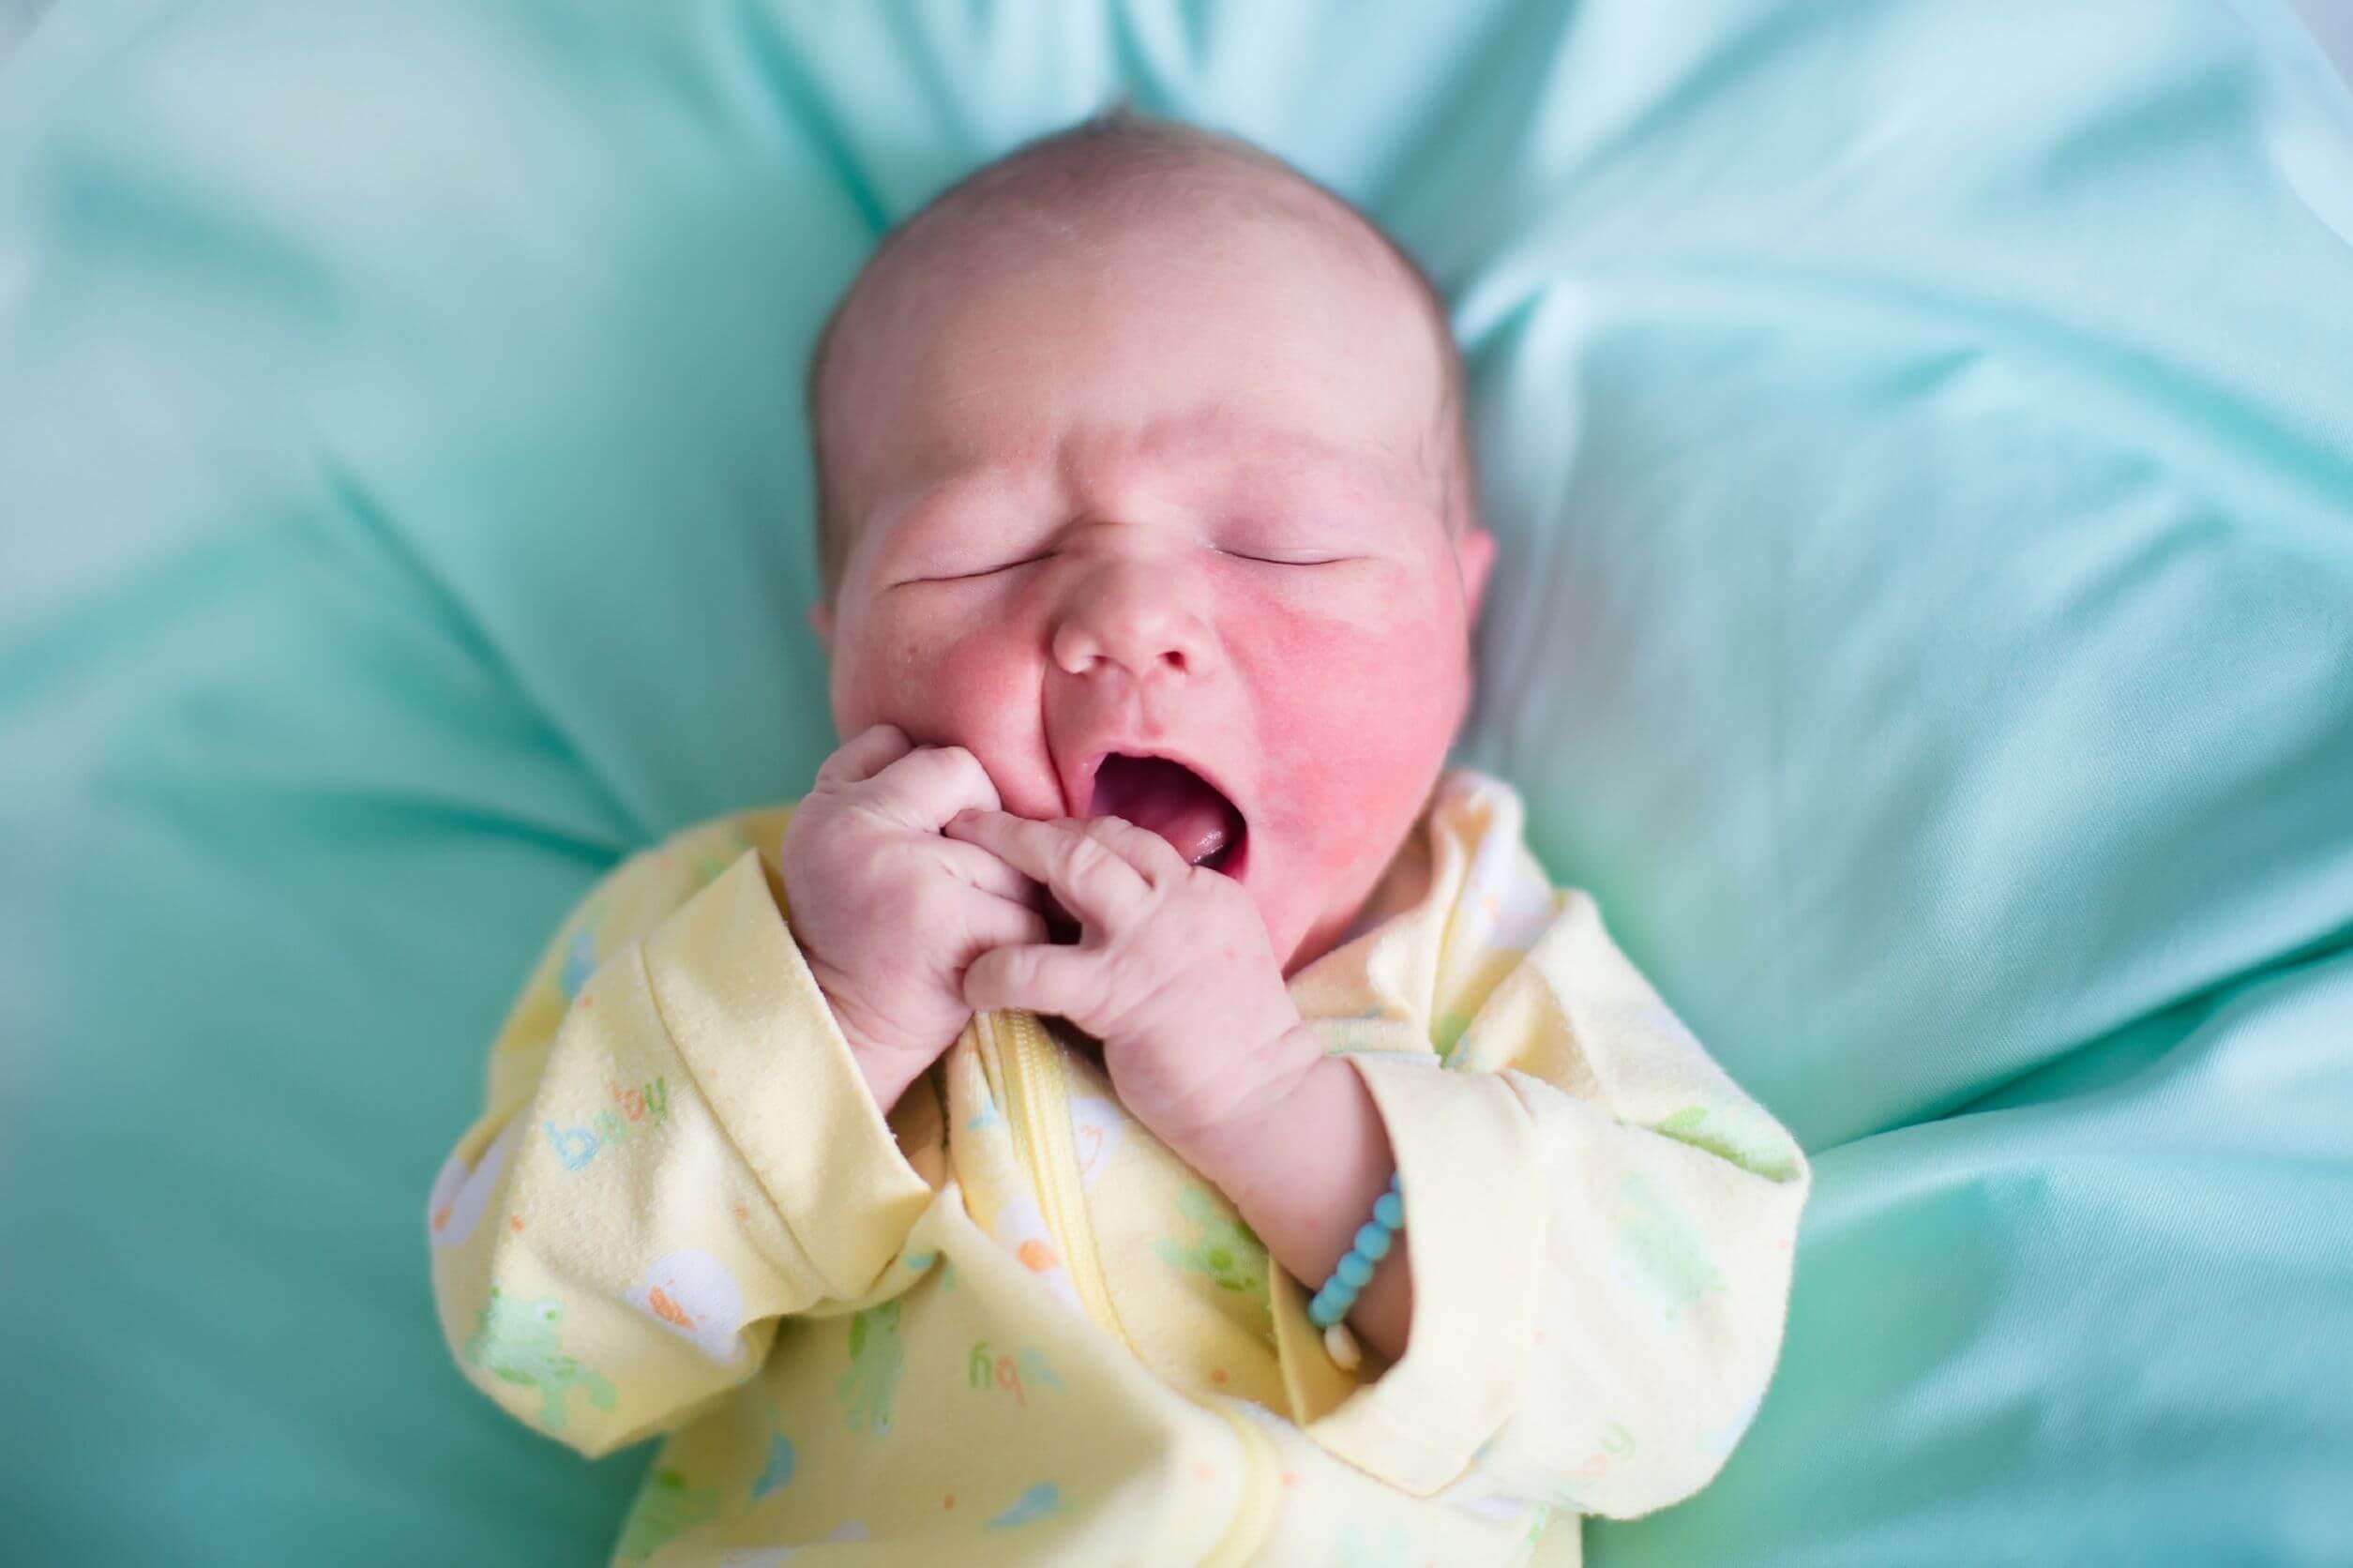 Bebé recién nacido con dermatitis.